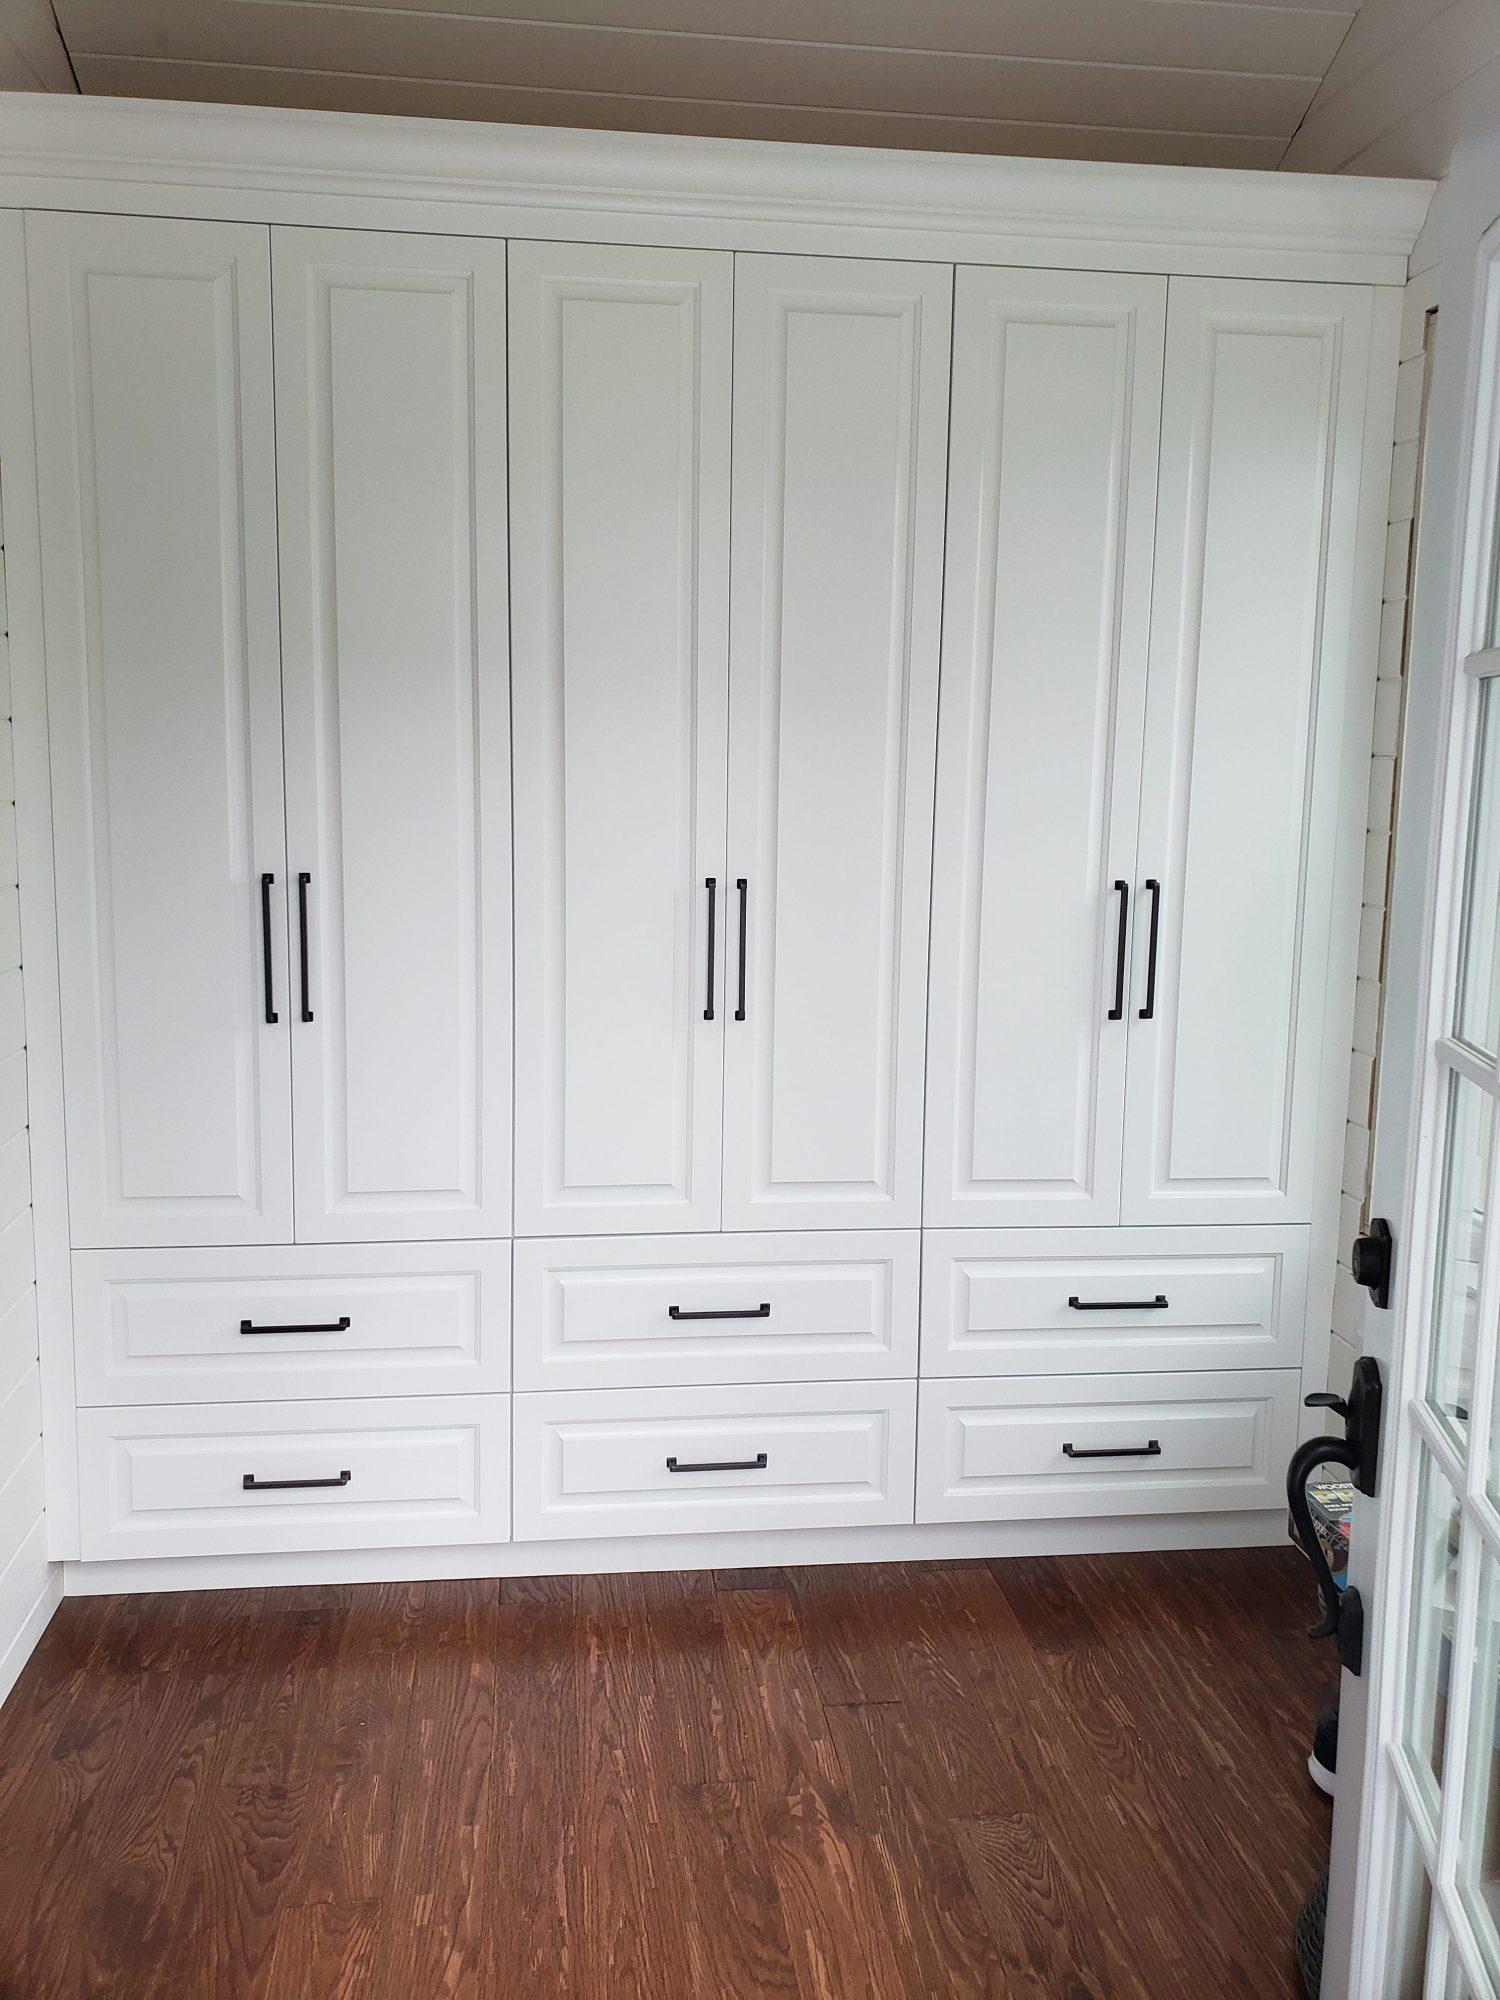 Mudroom Cabinets, Haverhill, MA